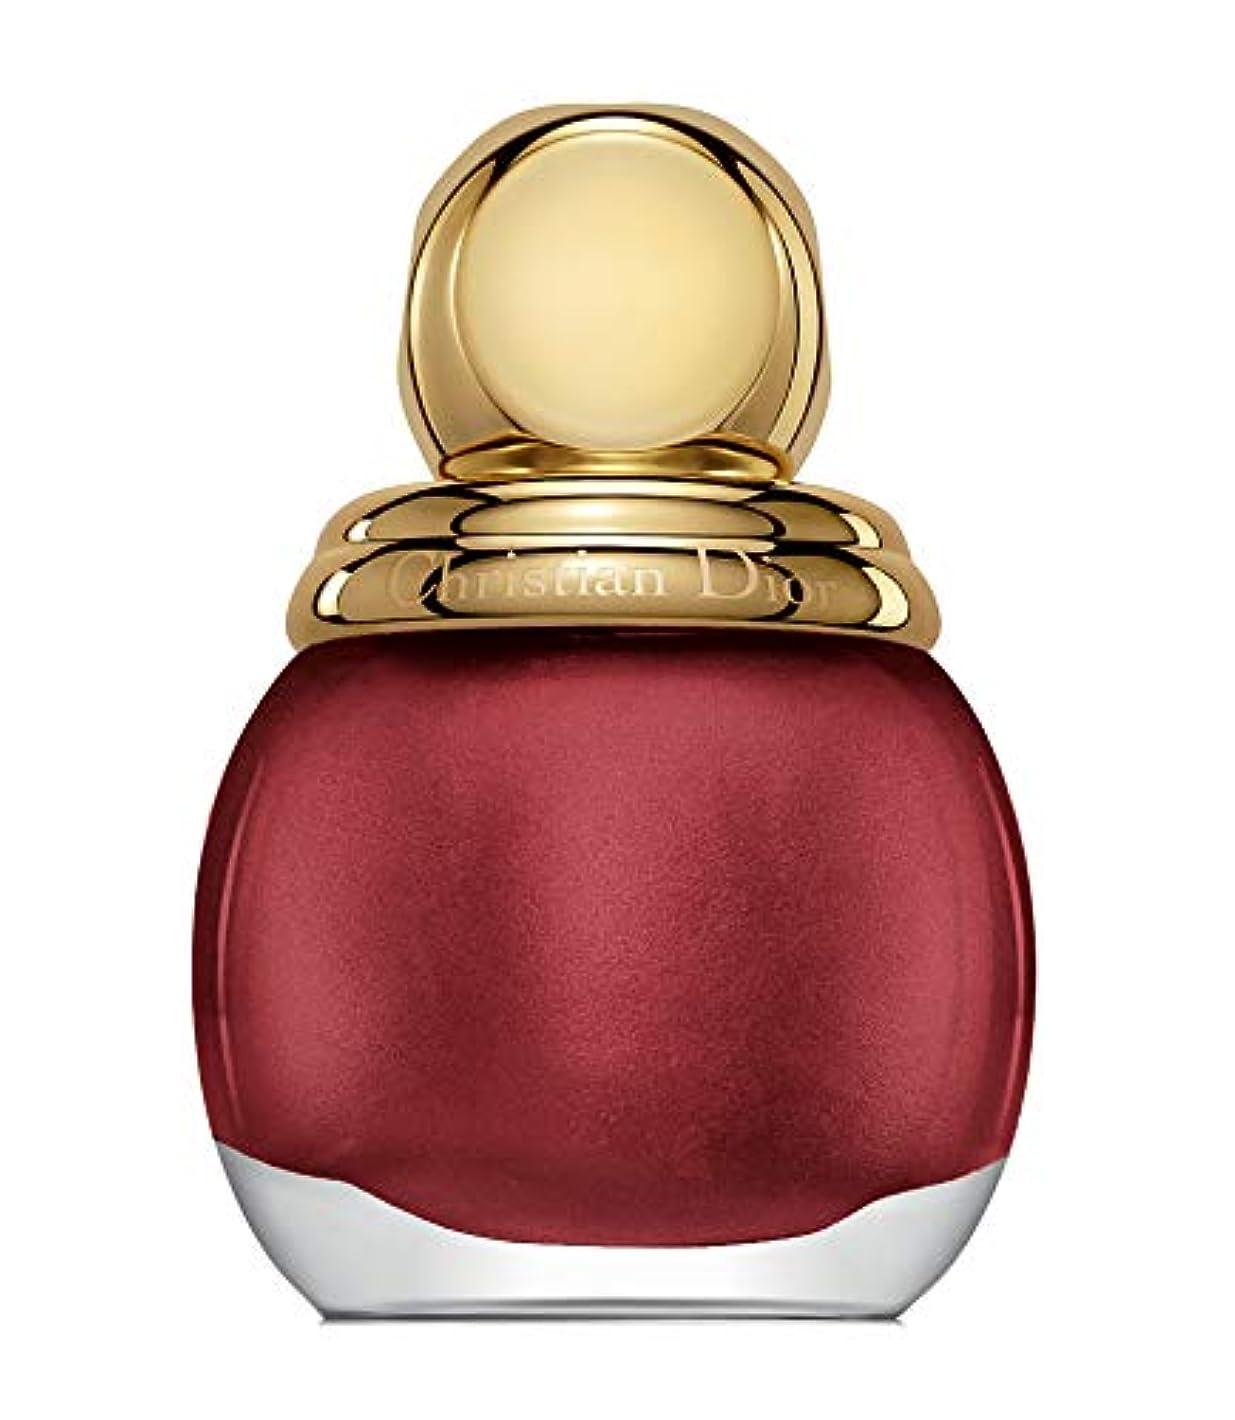 フクロウ安価なパントリーディオール ヴェルニ ディオリフィック #760 トリオンフ 限定 Dior ネイル ネイルカラー